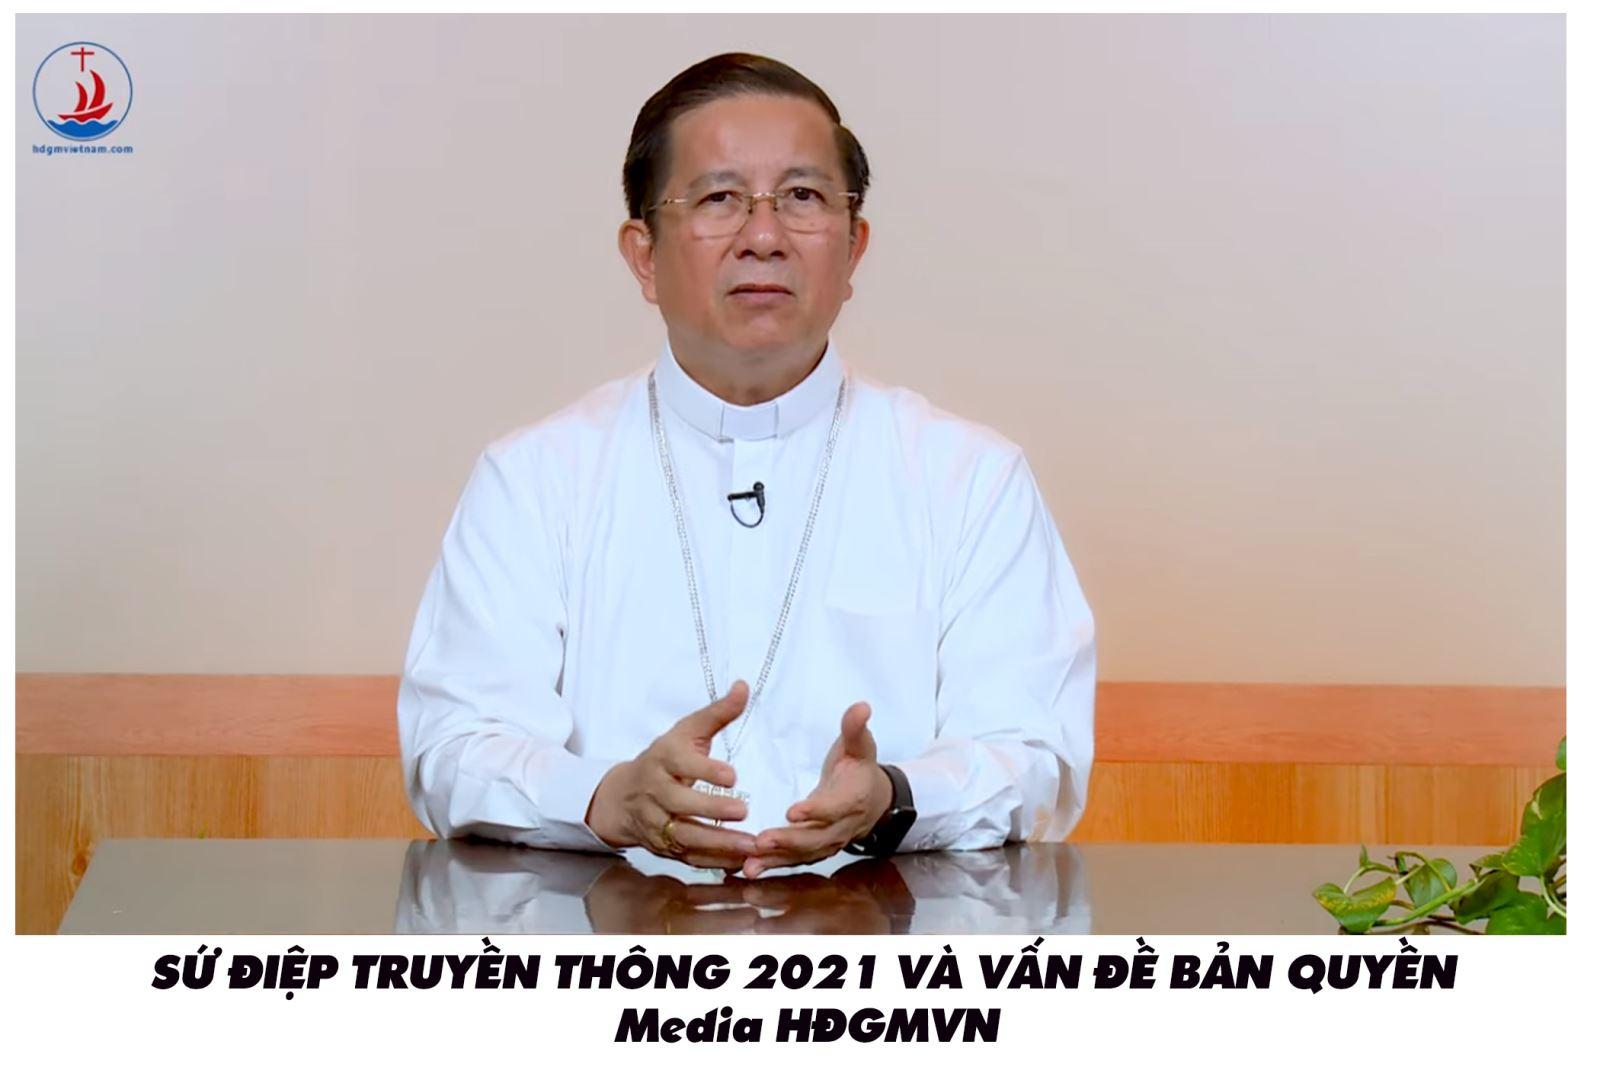 Sứ điệp Truyền thông 2021 và vấn đề Bản quyền- ĐC Giuse Nguyễn Tấn Tước